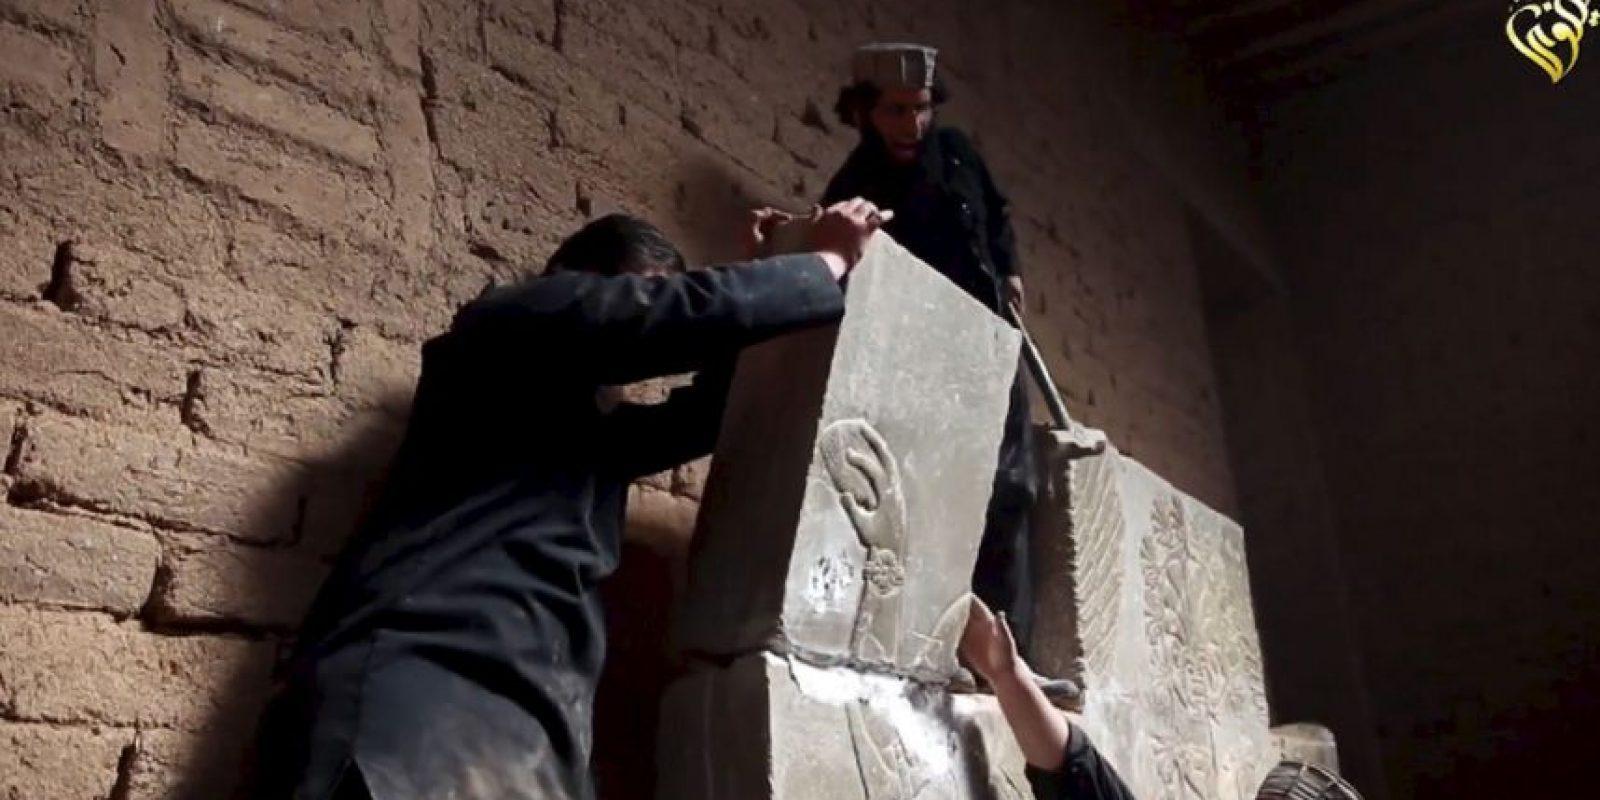 Entre los grupo que lo realizan se encuentra el Estado Islámico. Foto:AFP